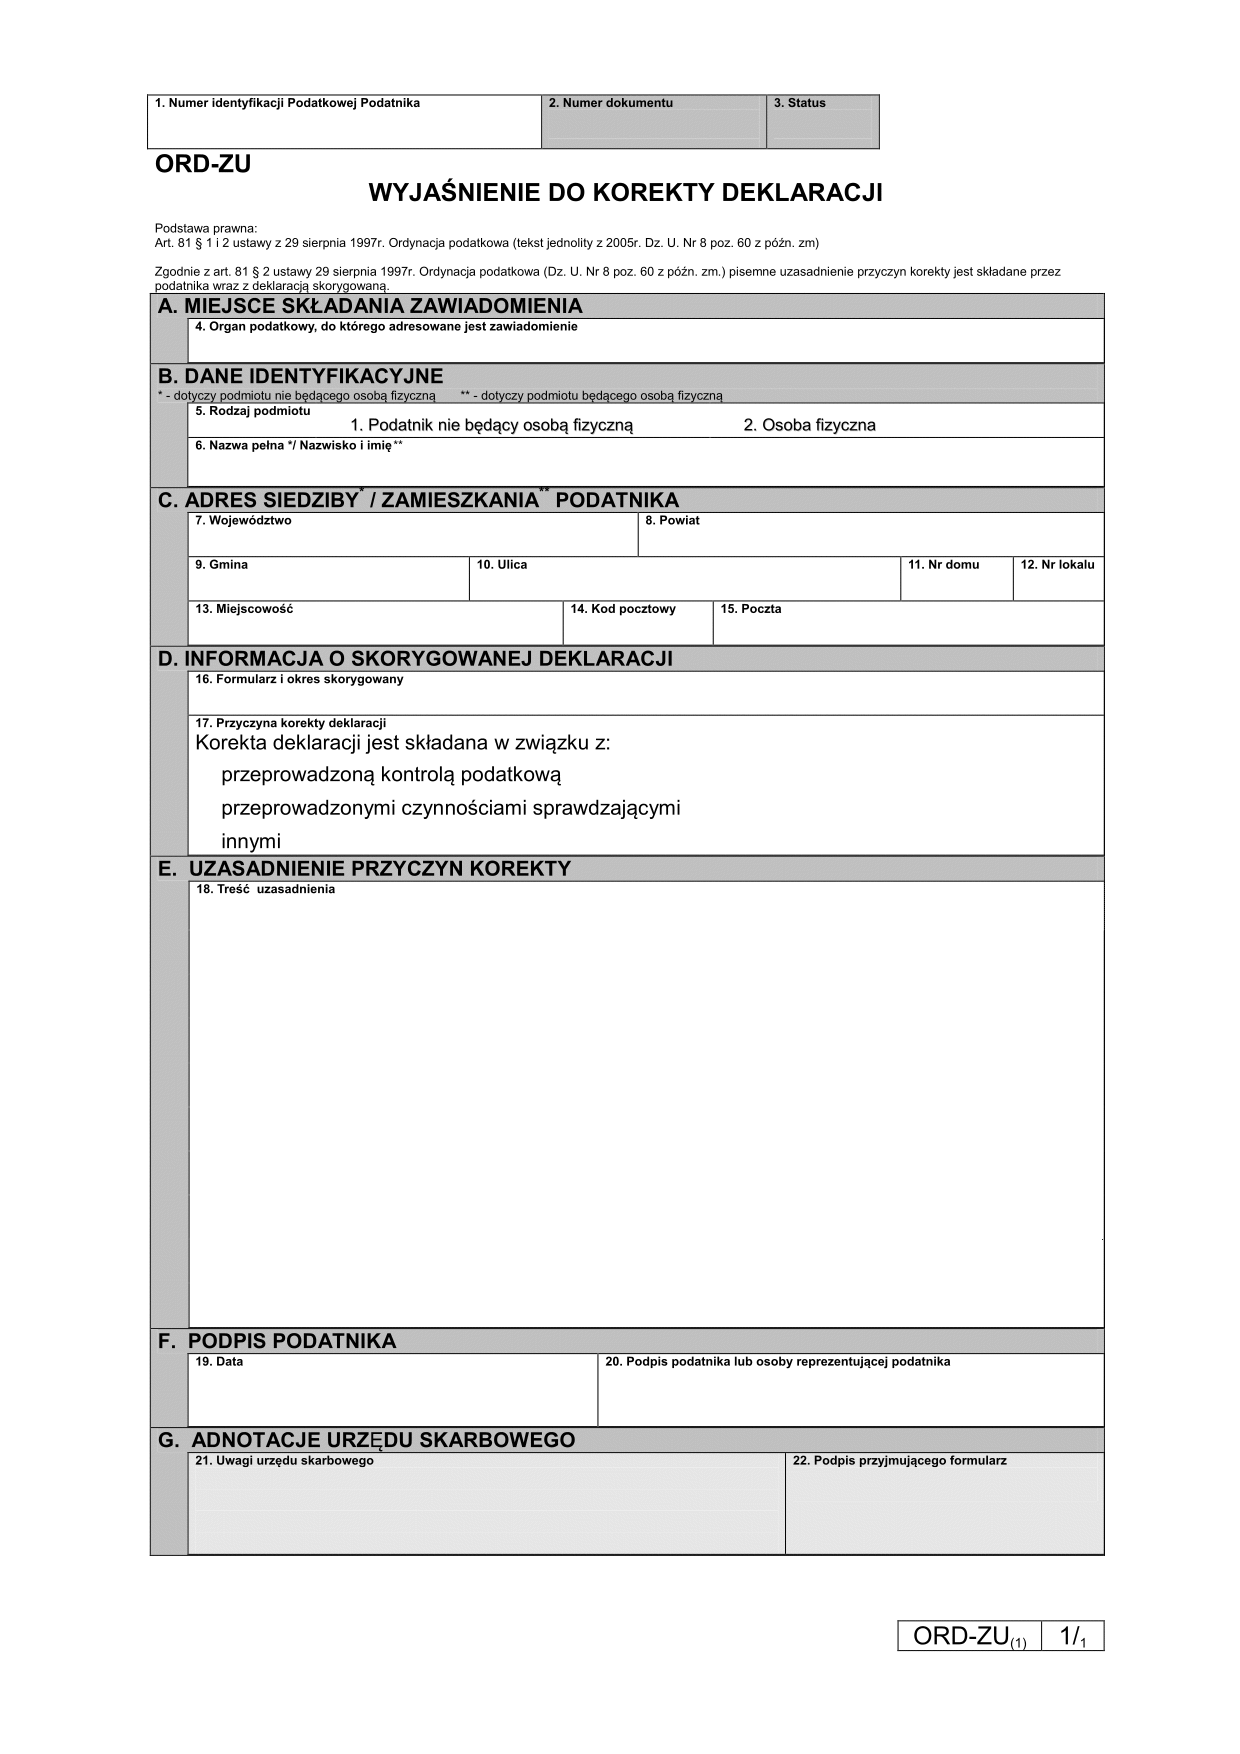 ORD-ZU (1) (archiwalny) Wyjaśnienie do korekty deklaracji